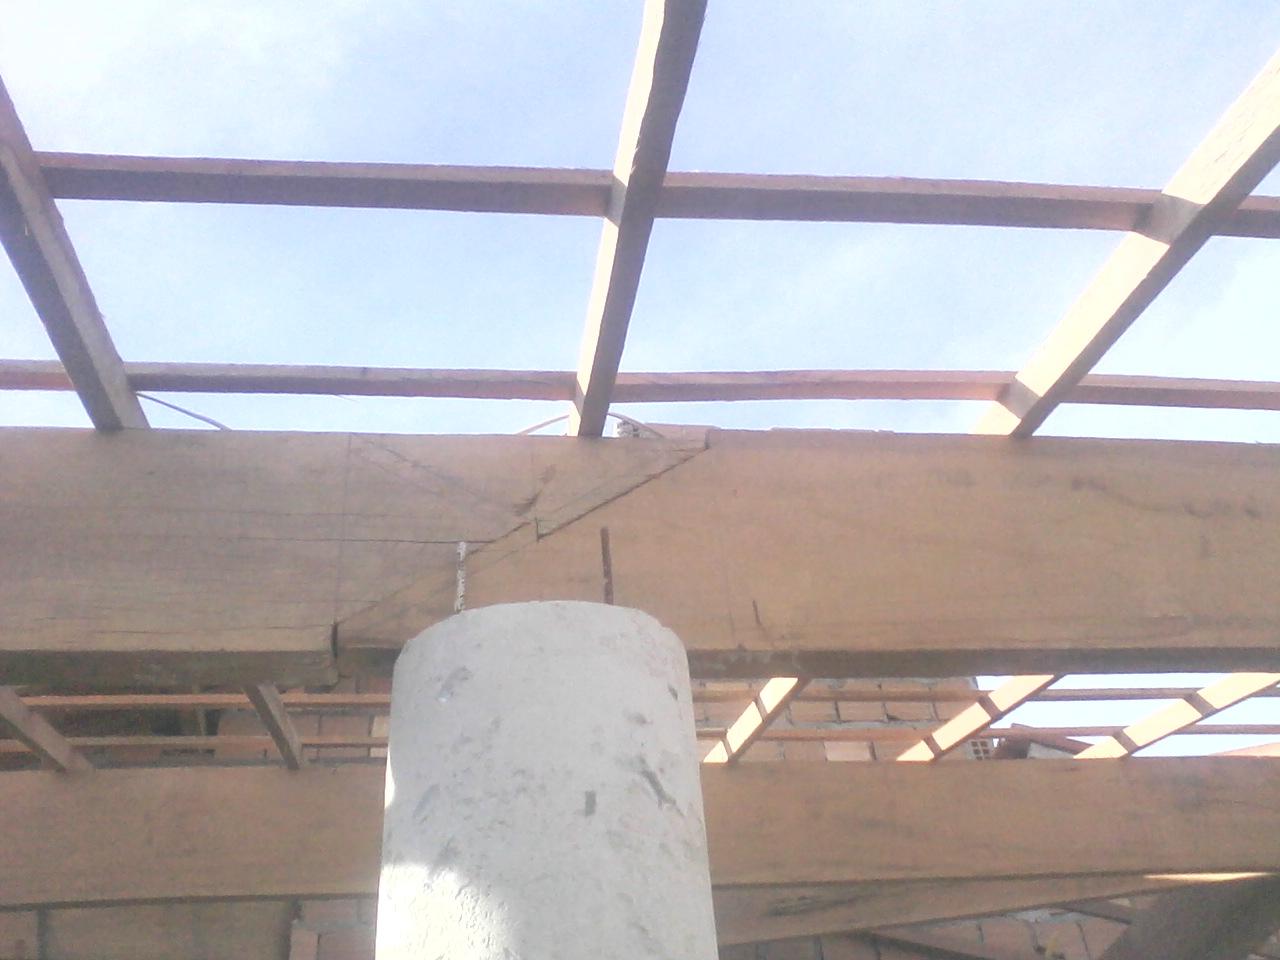 para telhado com madeira Angelin com emenda francesa parafusada #3B6890 1280x960